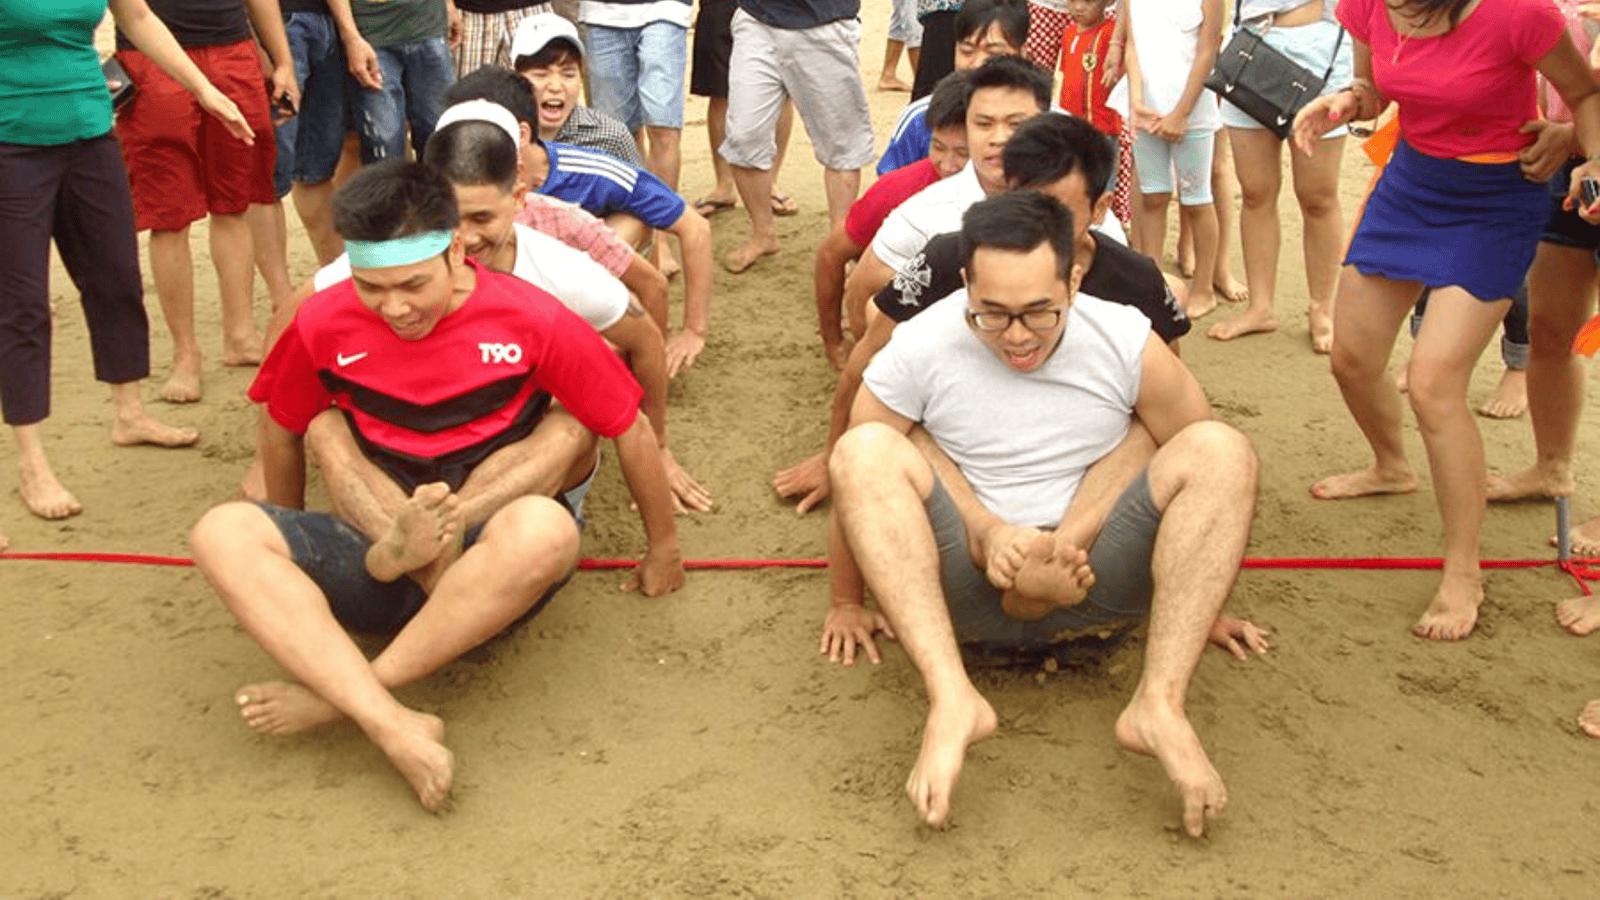 Giải tóa căng thẳng bằng các trò chơi team building đồng đội gắn kết